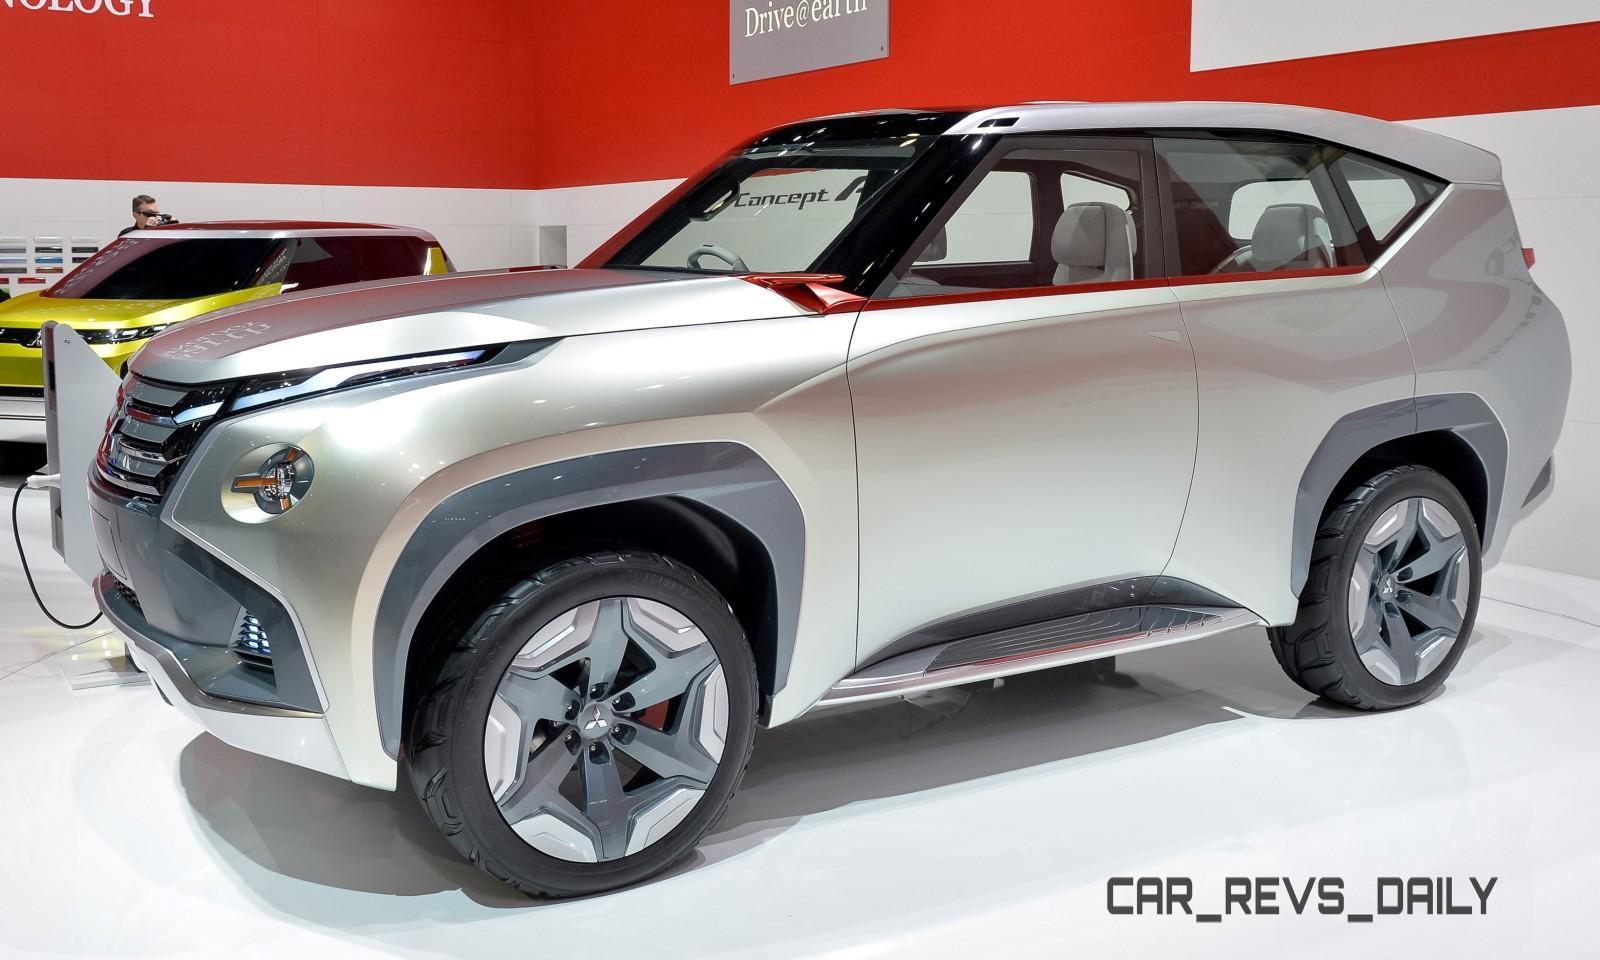 Latest Mitsubishi Exterior Designs Are Bizarre and Alarming 2